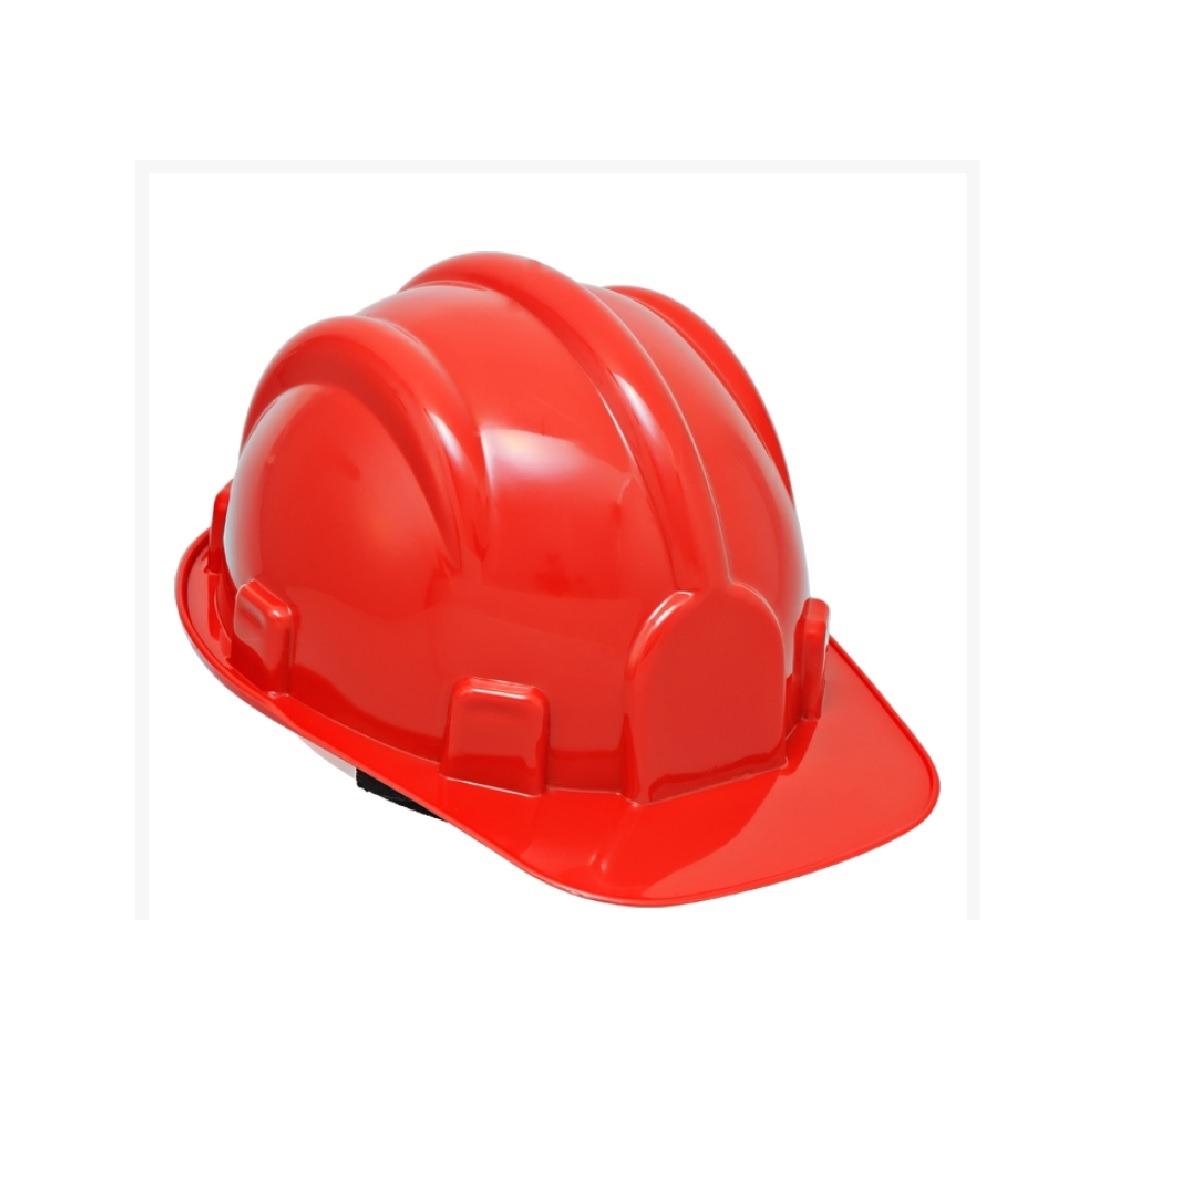 capacete segurança com carneira prosafety plástico vermelho. Carregando  zoom... capacete segurança com. Carregando zoom. 84f8323f92